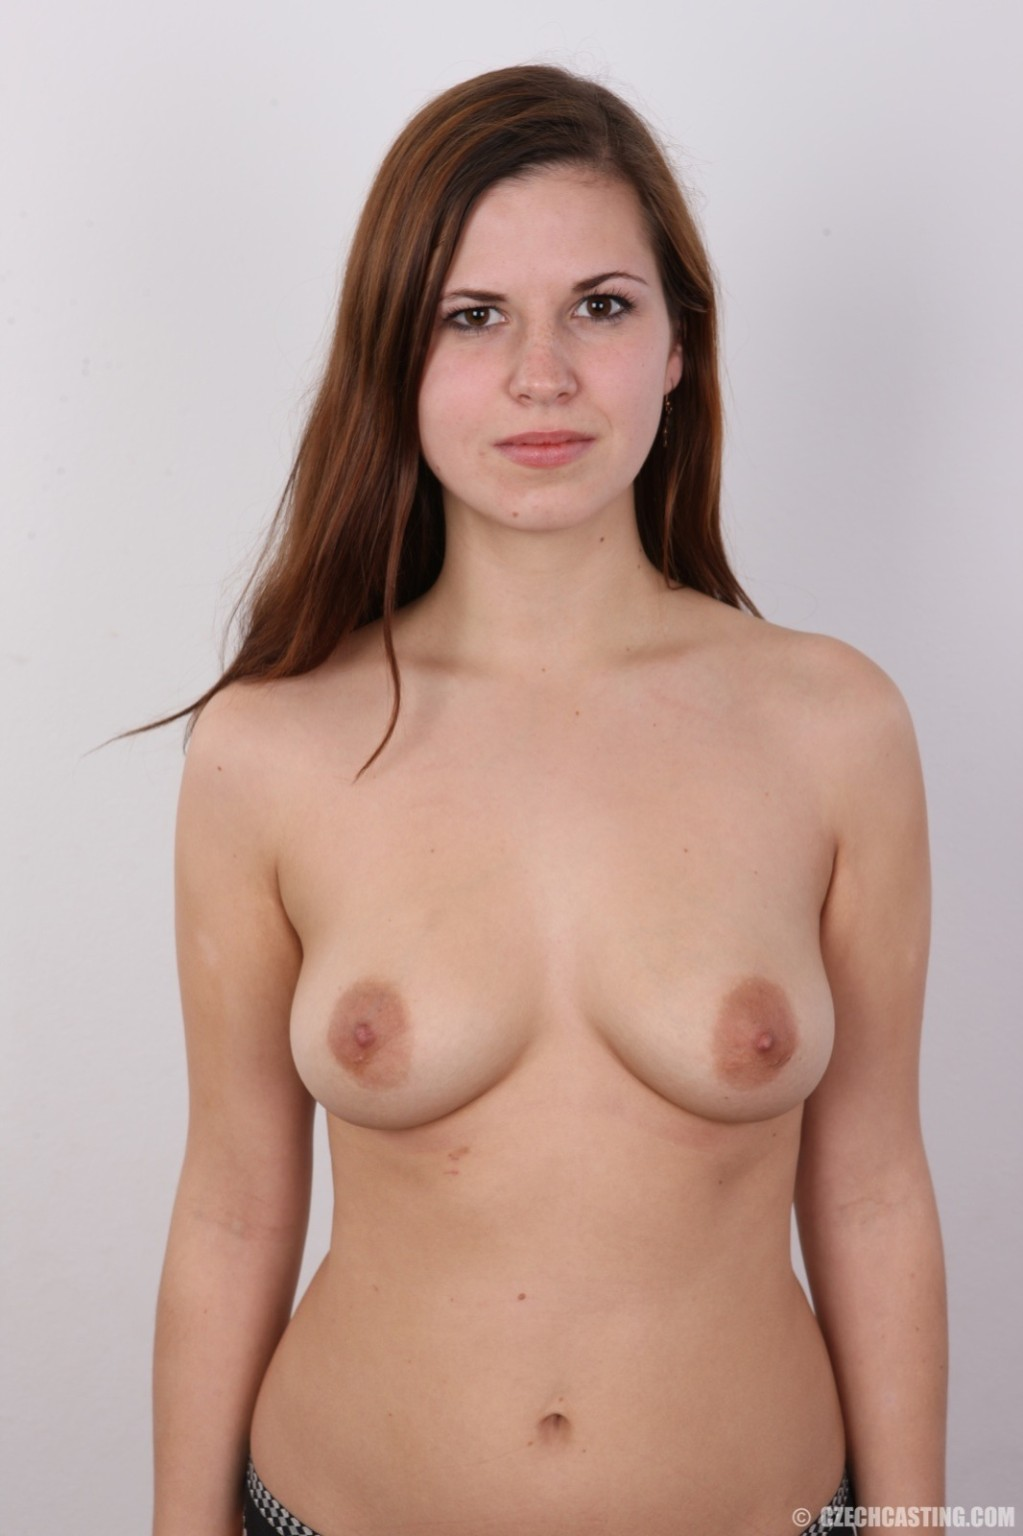 Кастинг - Порно галерея № 3526669